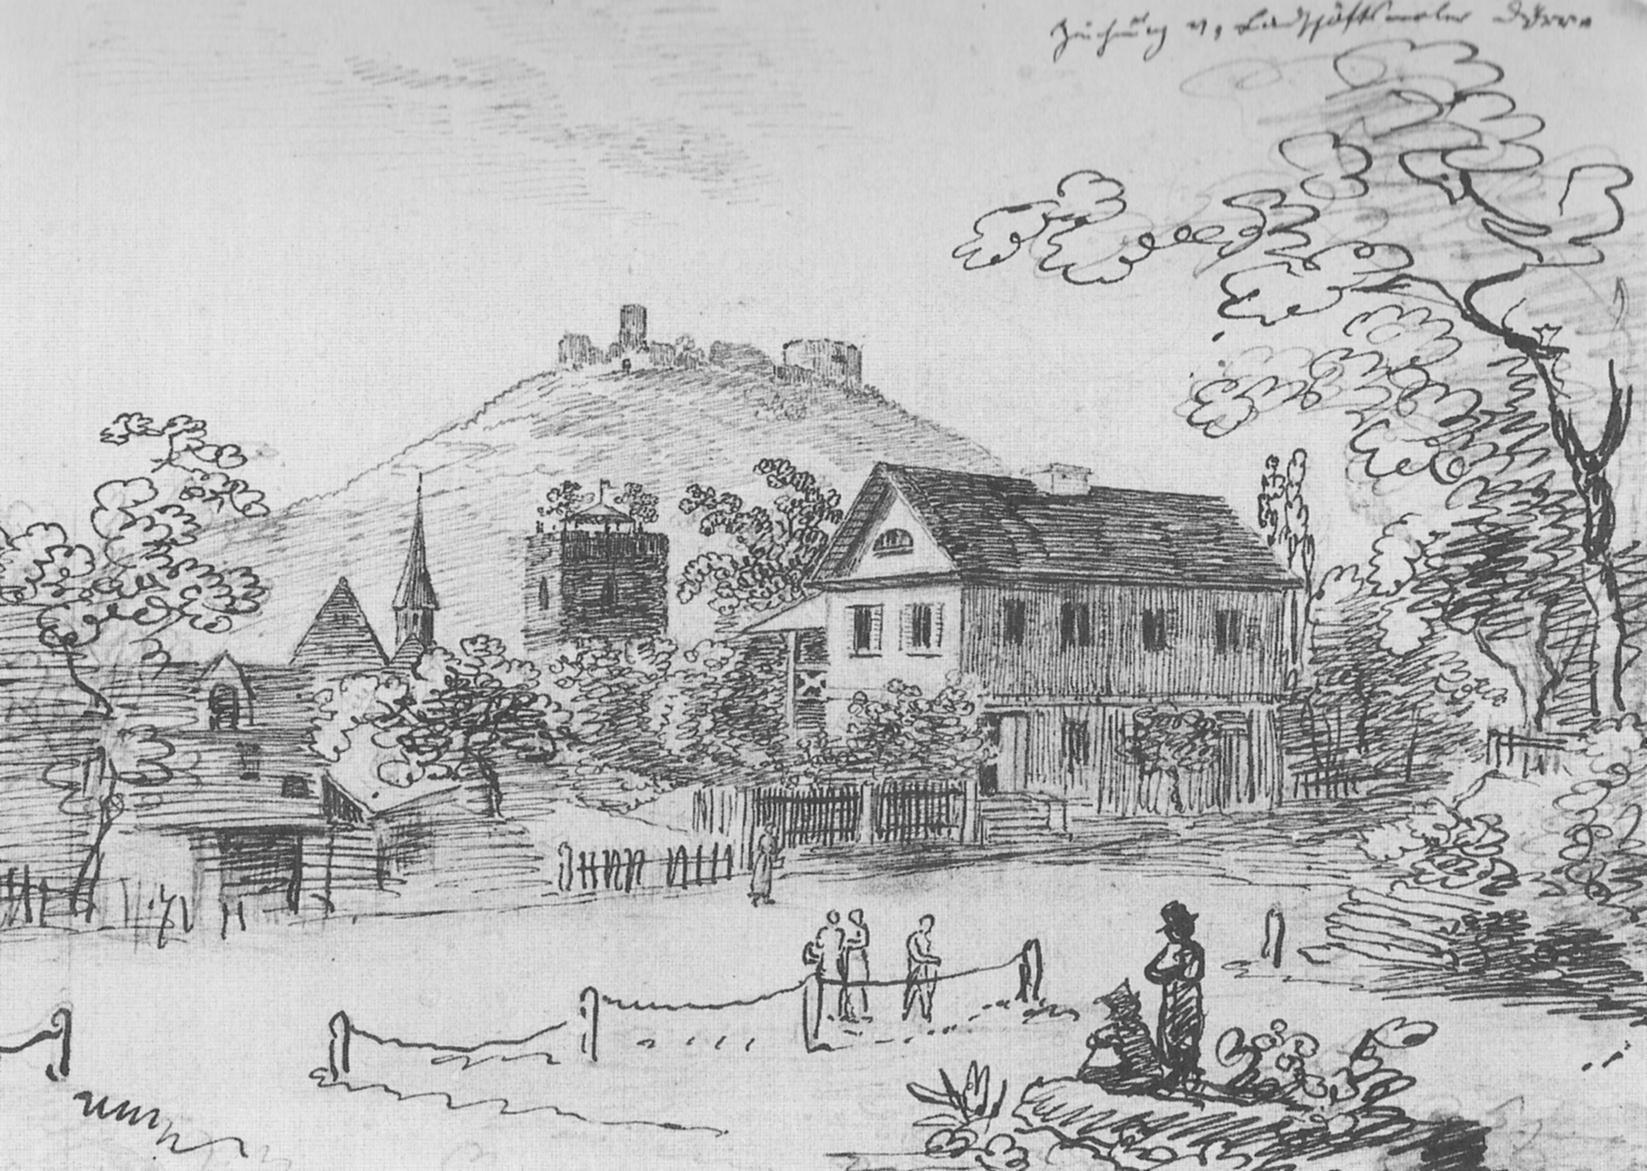 Datei:Weinsberg-Kernerhaus-Doerr-1826.jpg